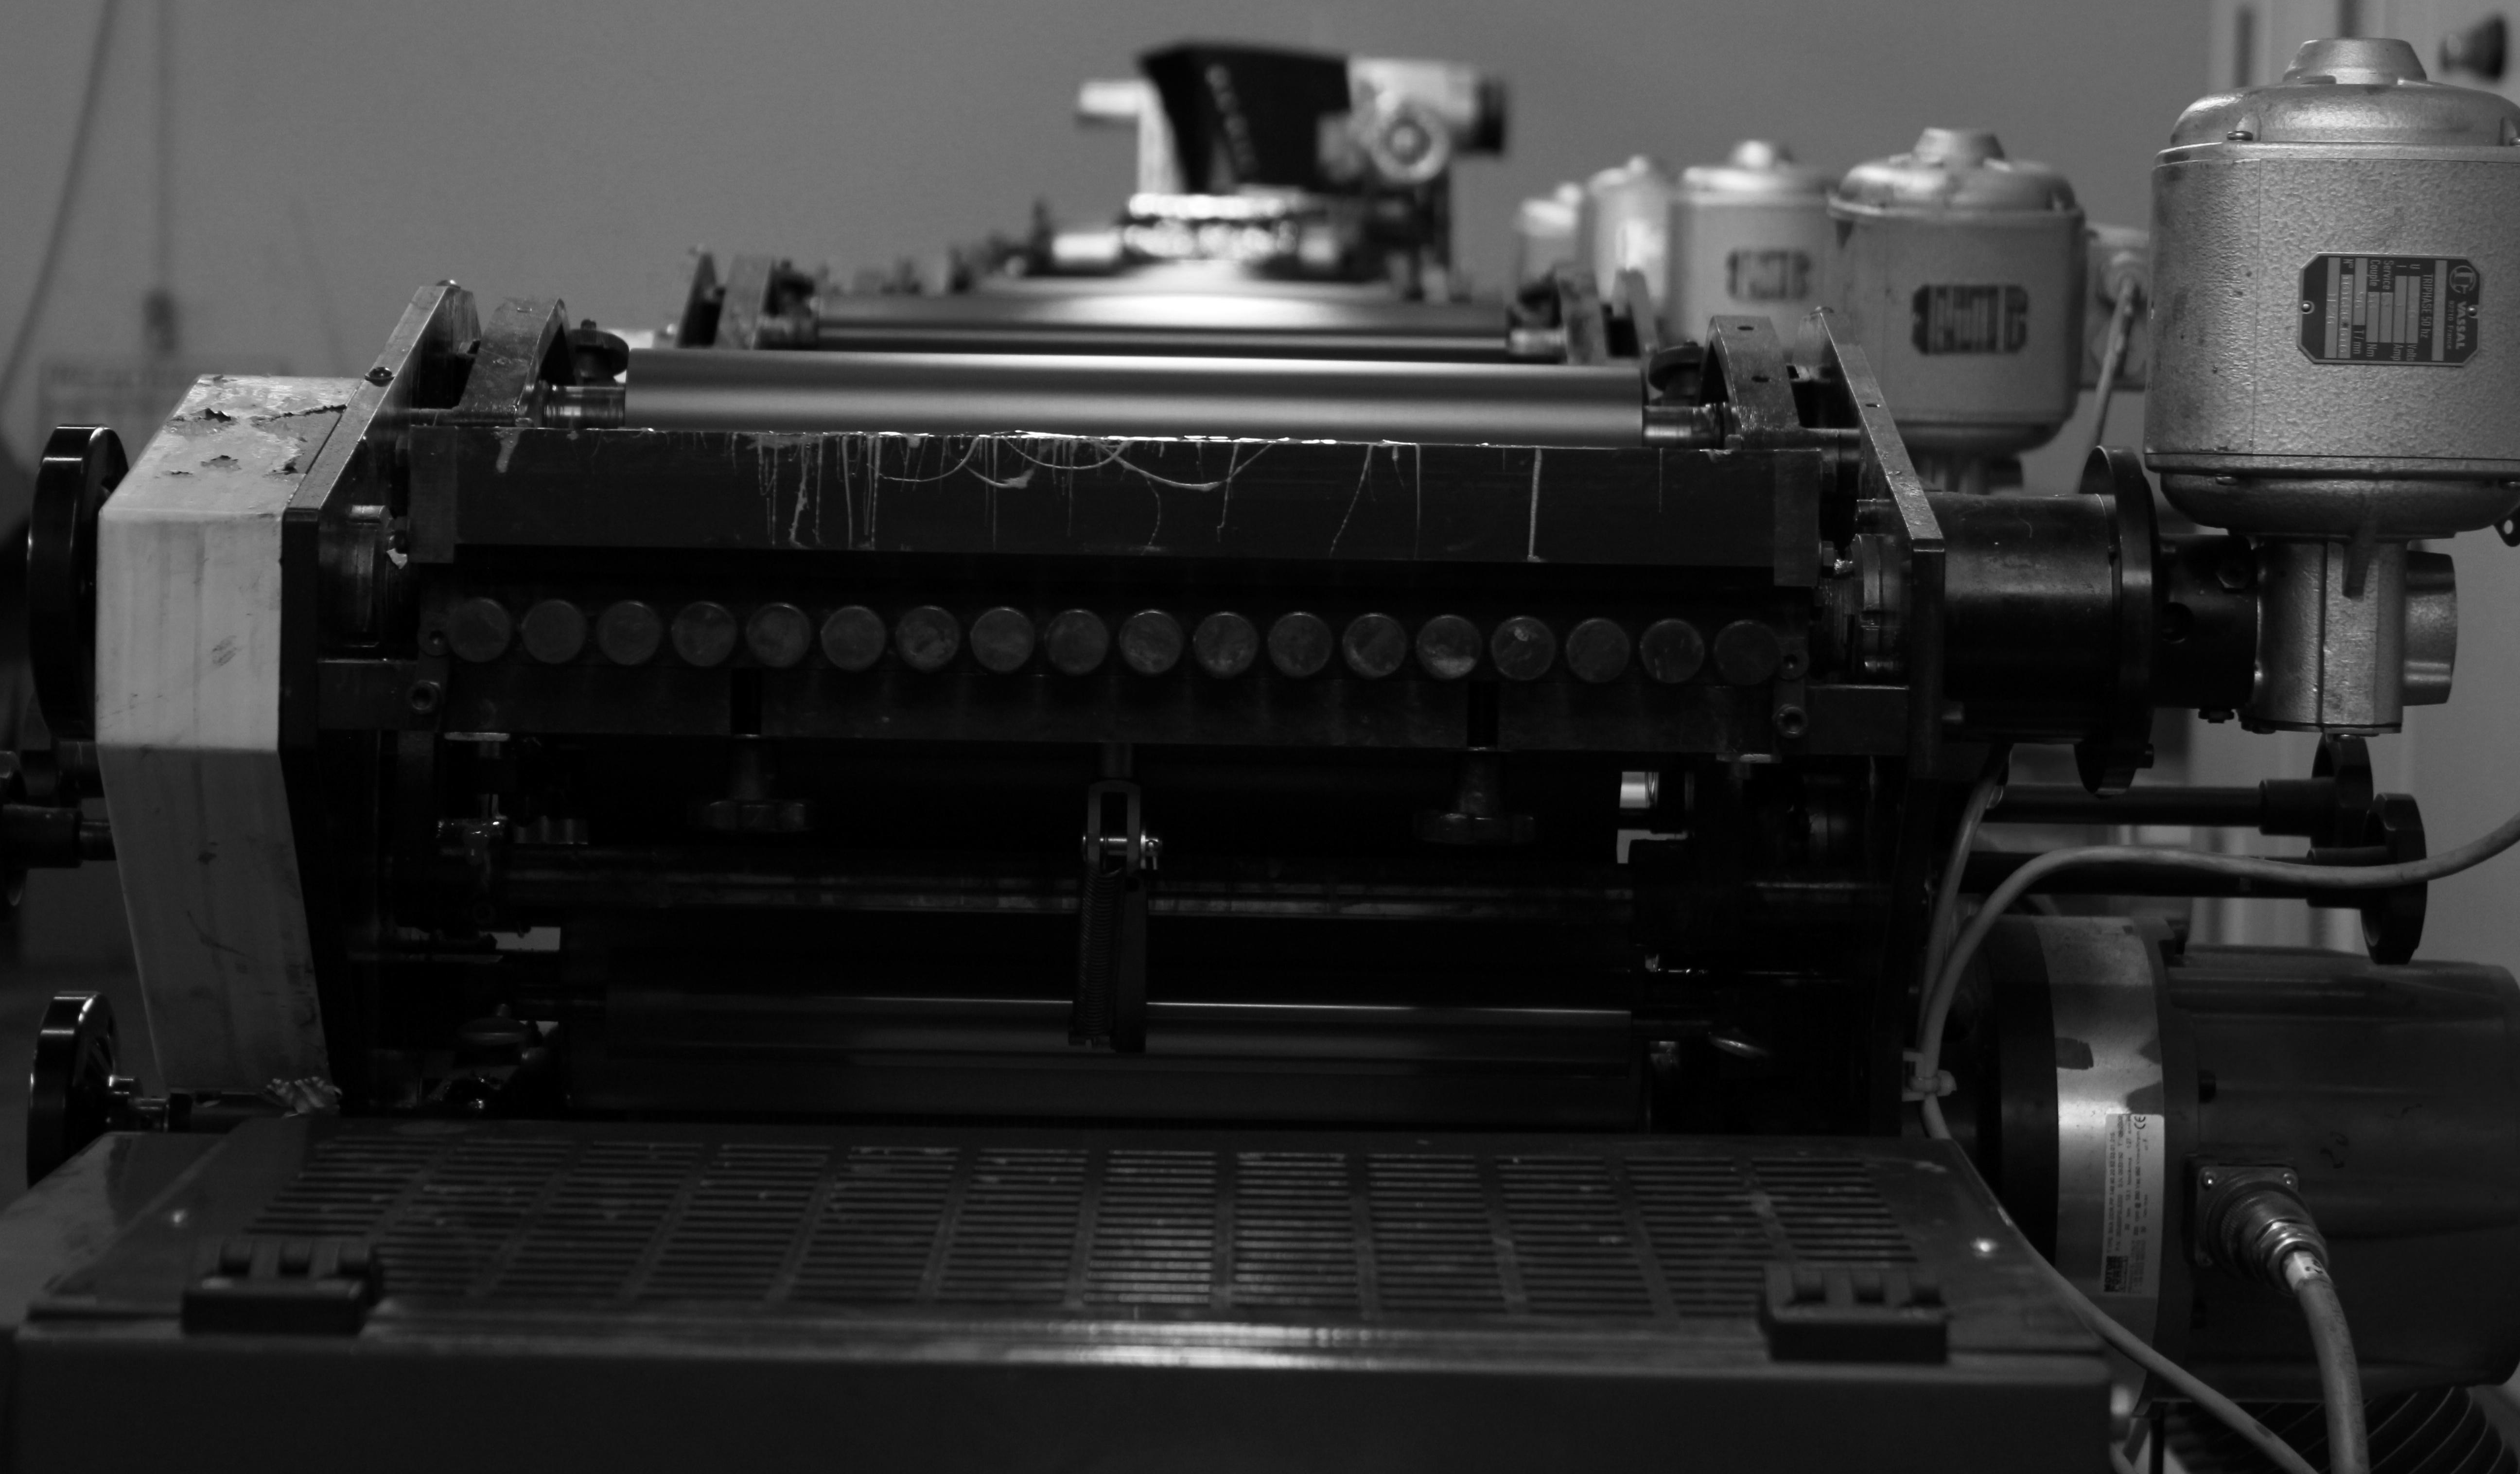 imprimerie,dubon,perpignan,66, machine